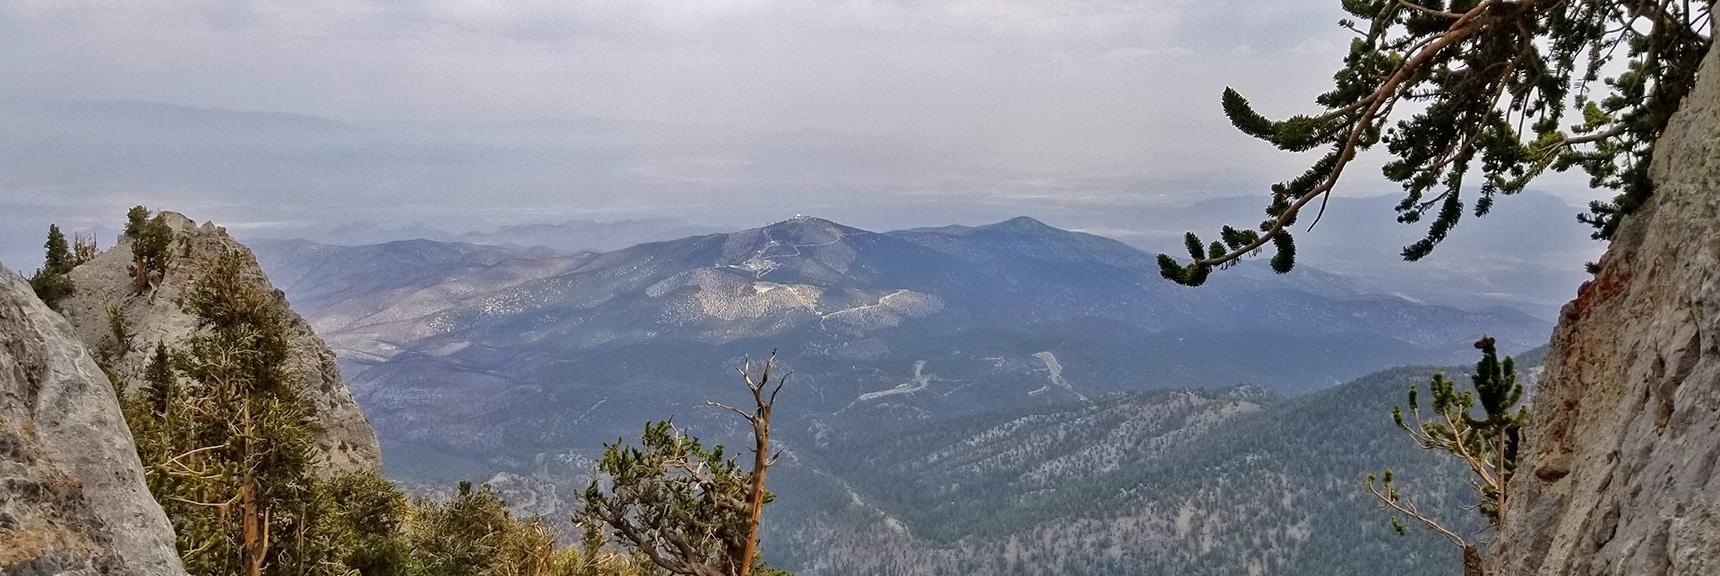 Angel Peak Framed in the Final Channel of Mummy's NE Cliff Chute | Mummy Mountain NE Cliffs Descent | Mt Charleston Wilderness | Spring Mountains, Nevada